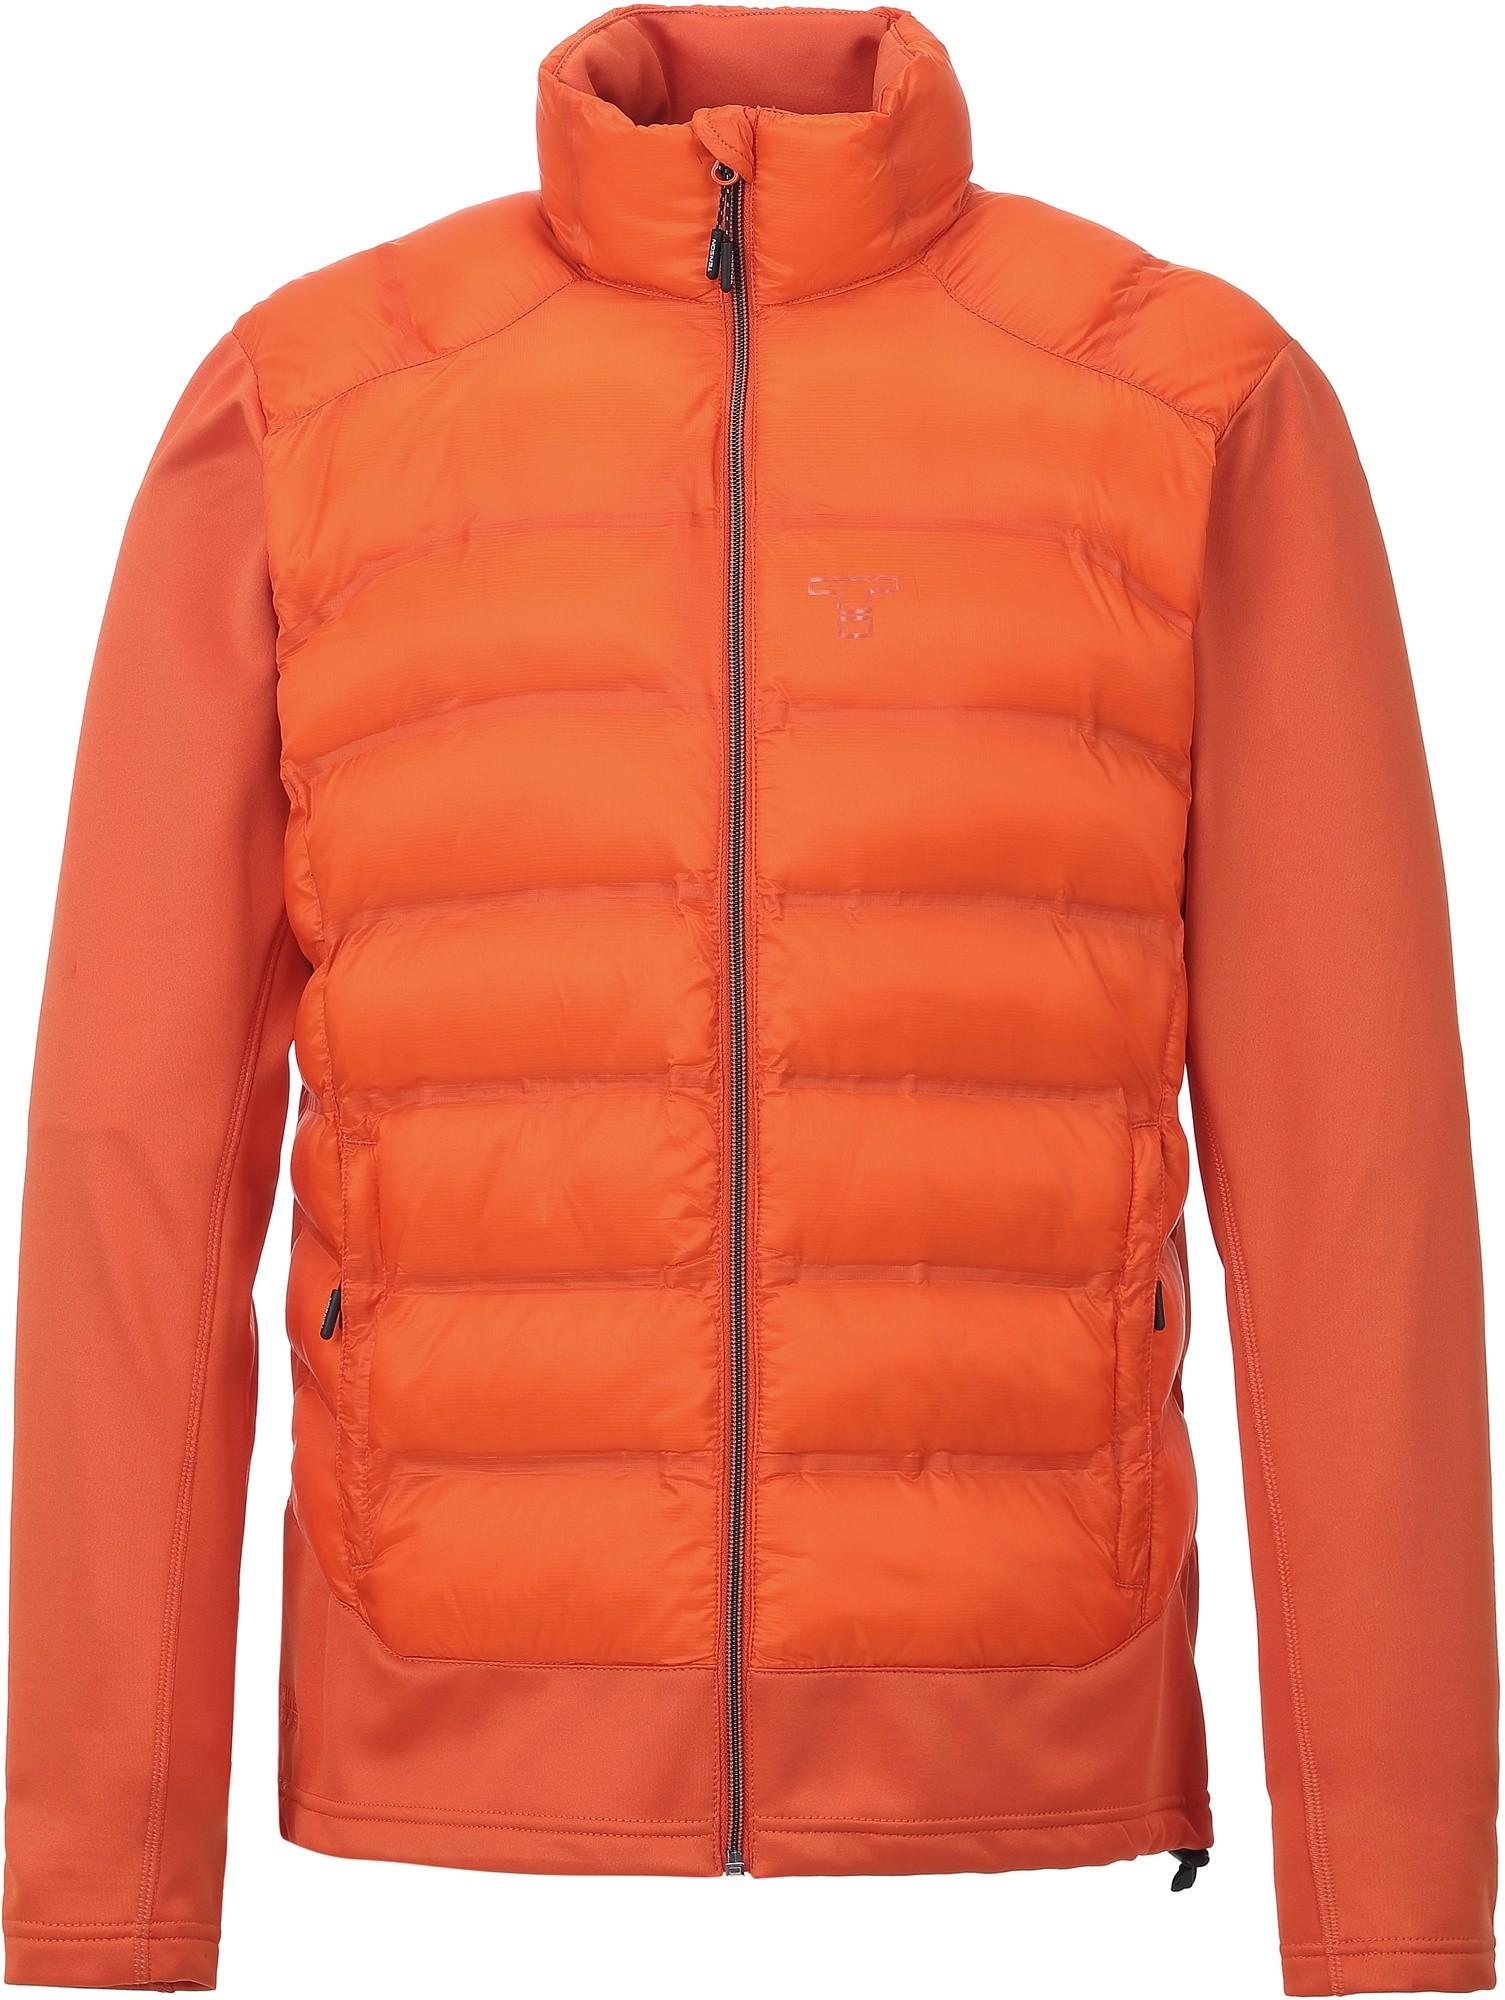 Bluza hybrydowa męska Tenson Zaniar, pomarańczowa Orange S